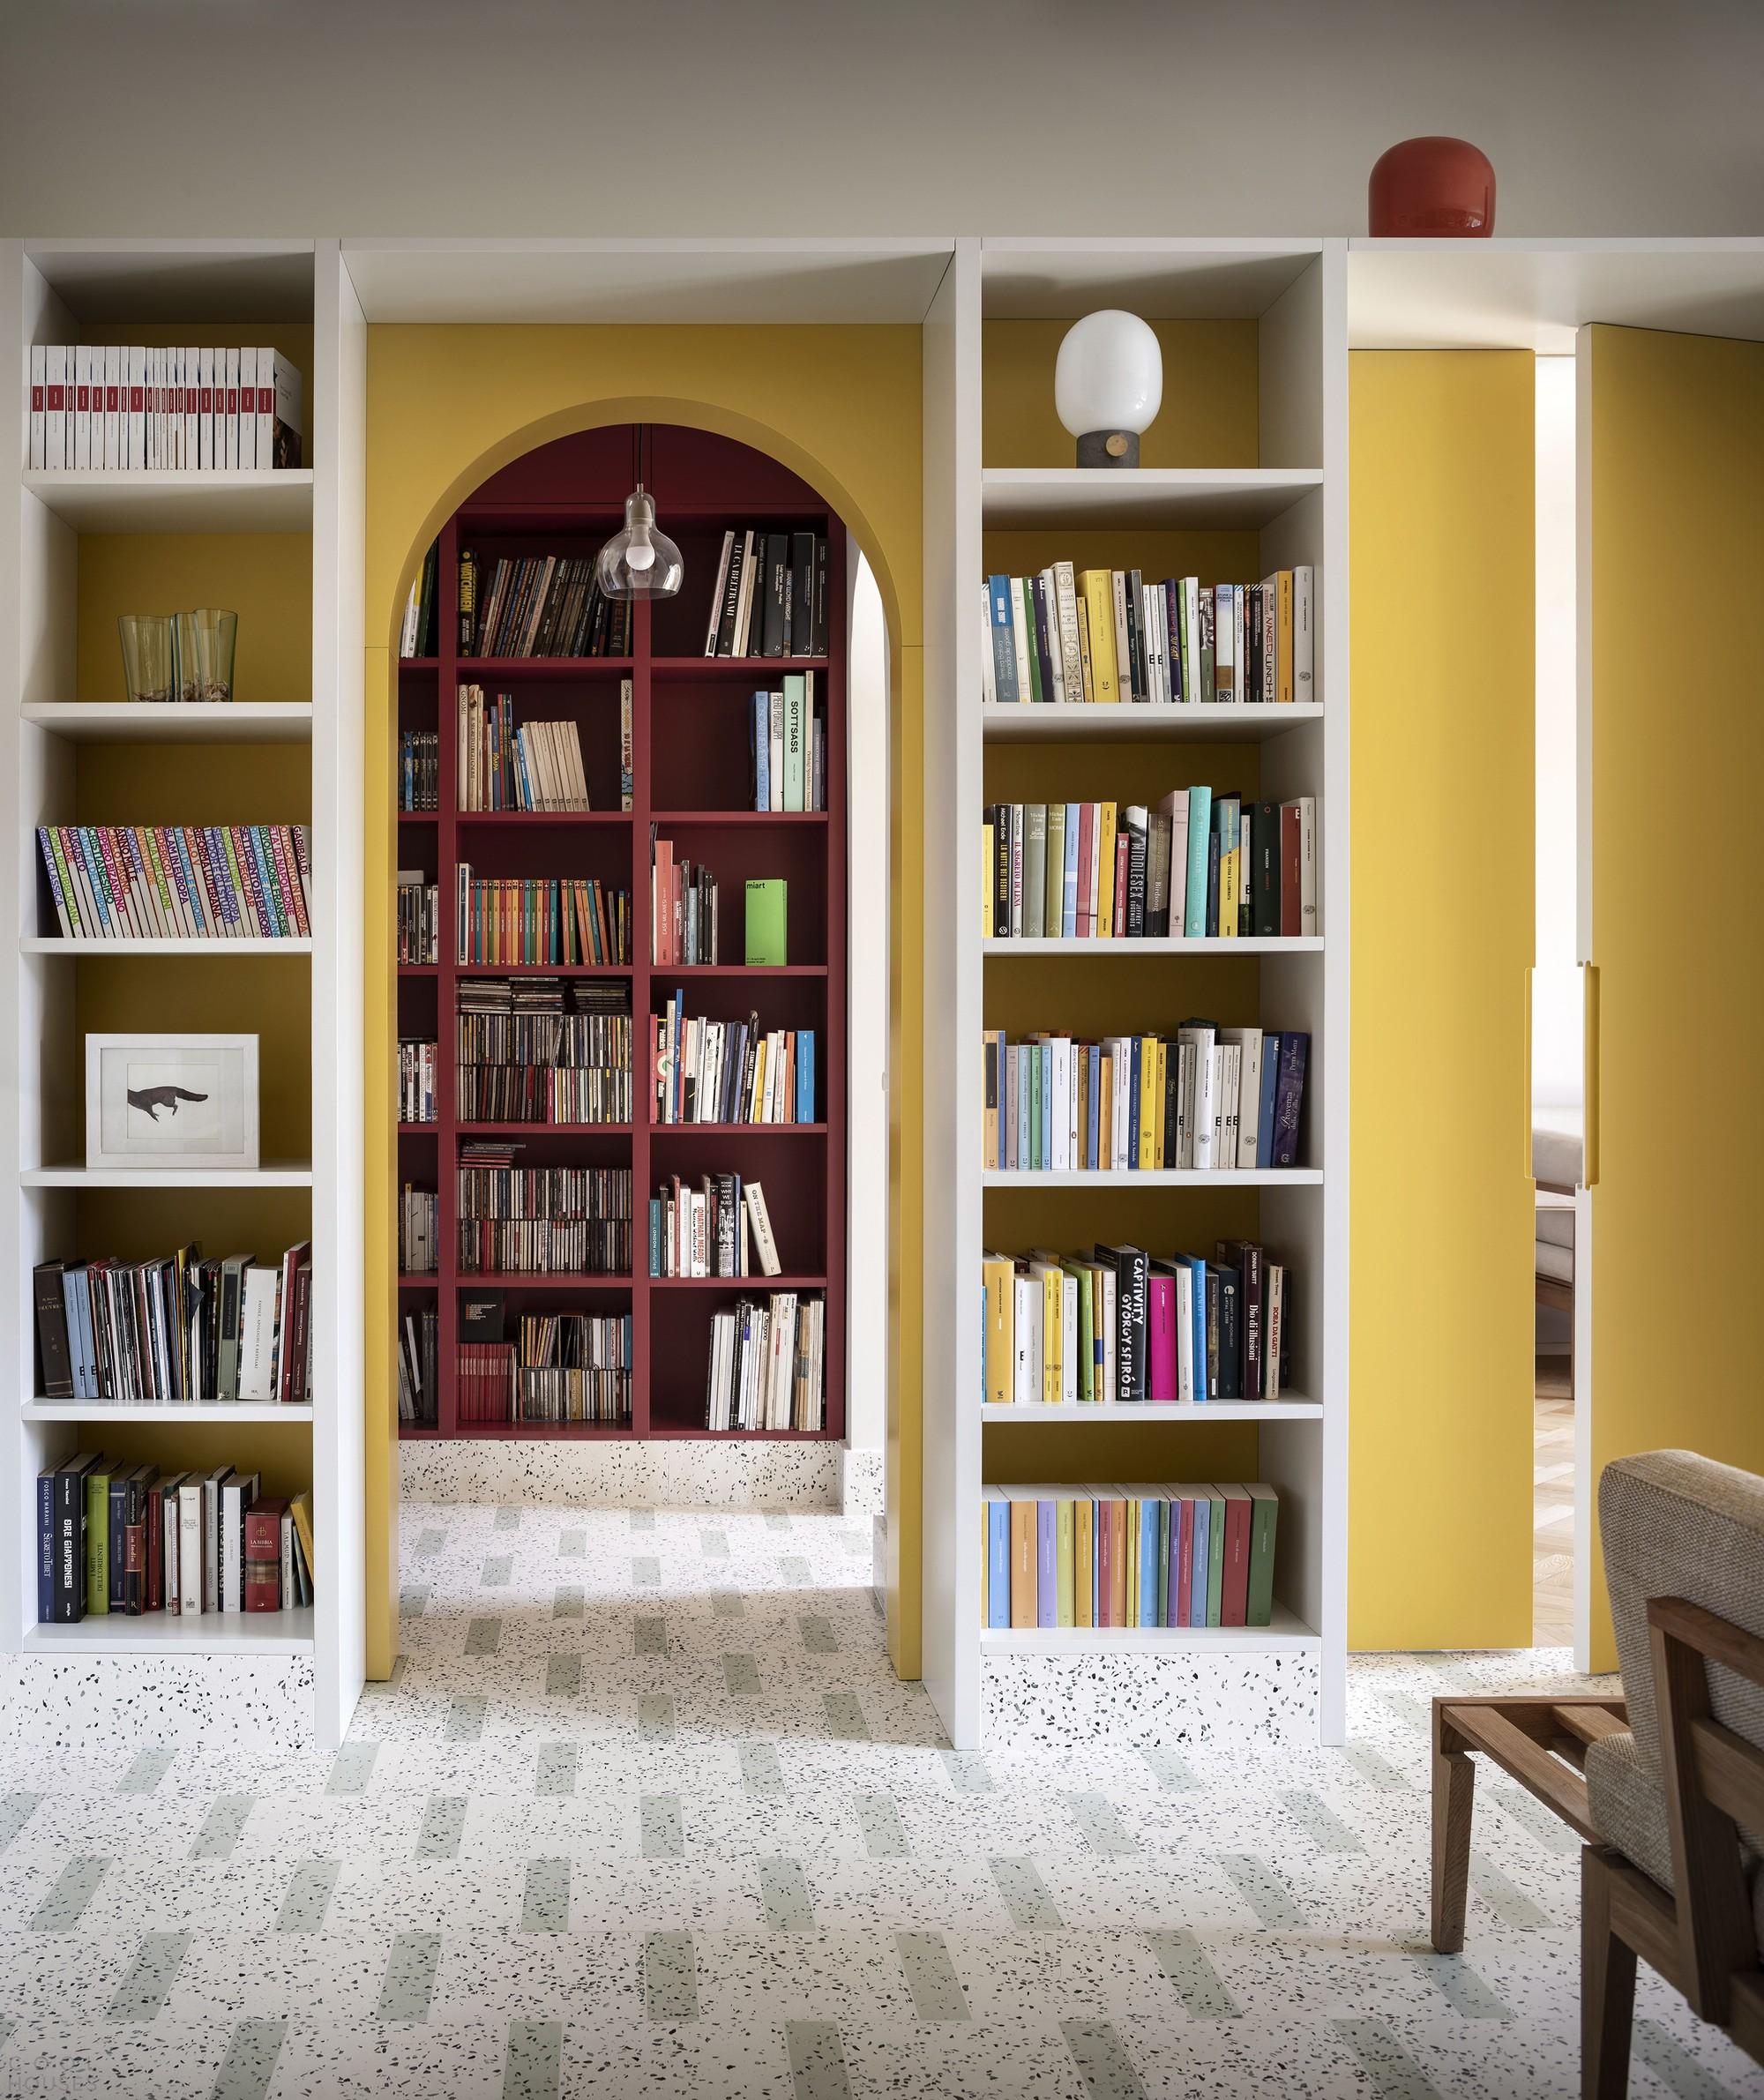 Интерьер для любителей книг, идеально сочетающий функциональность и эстетику